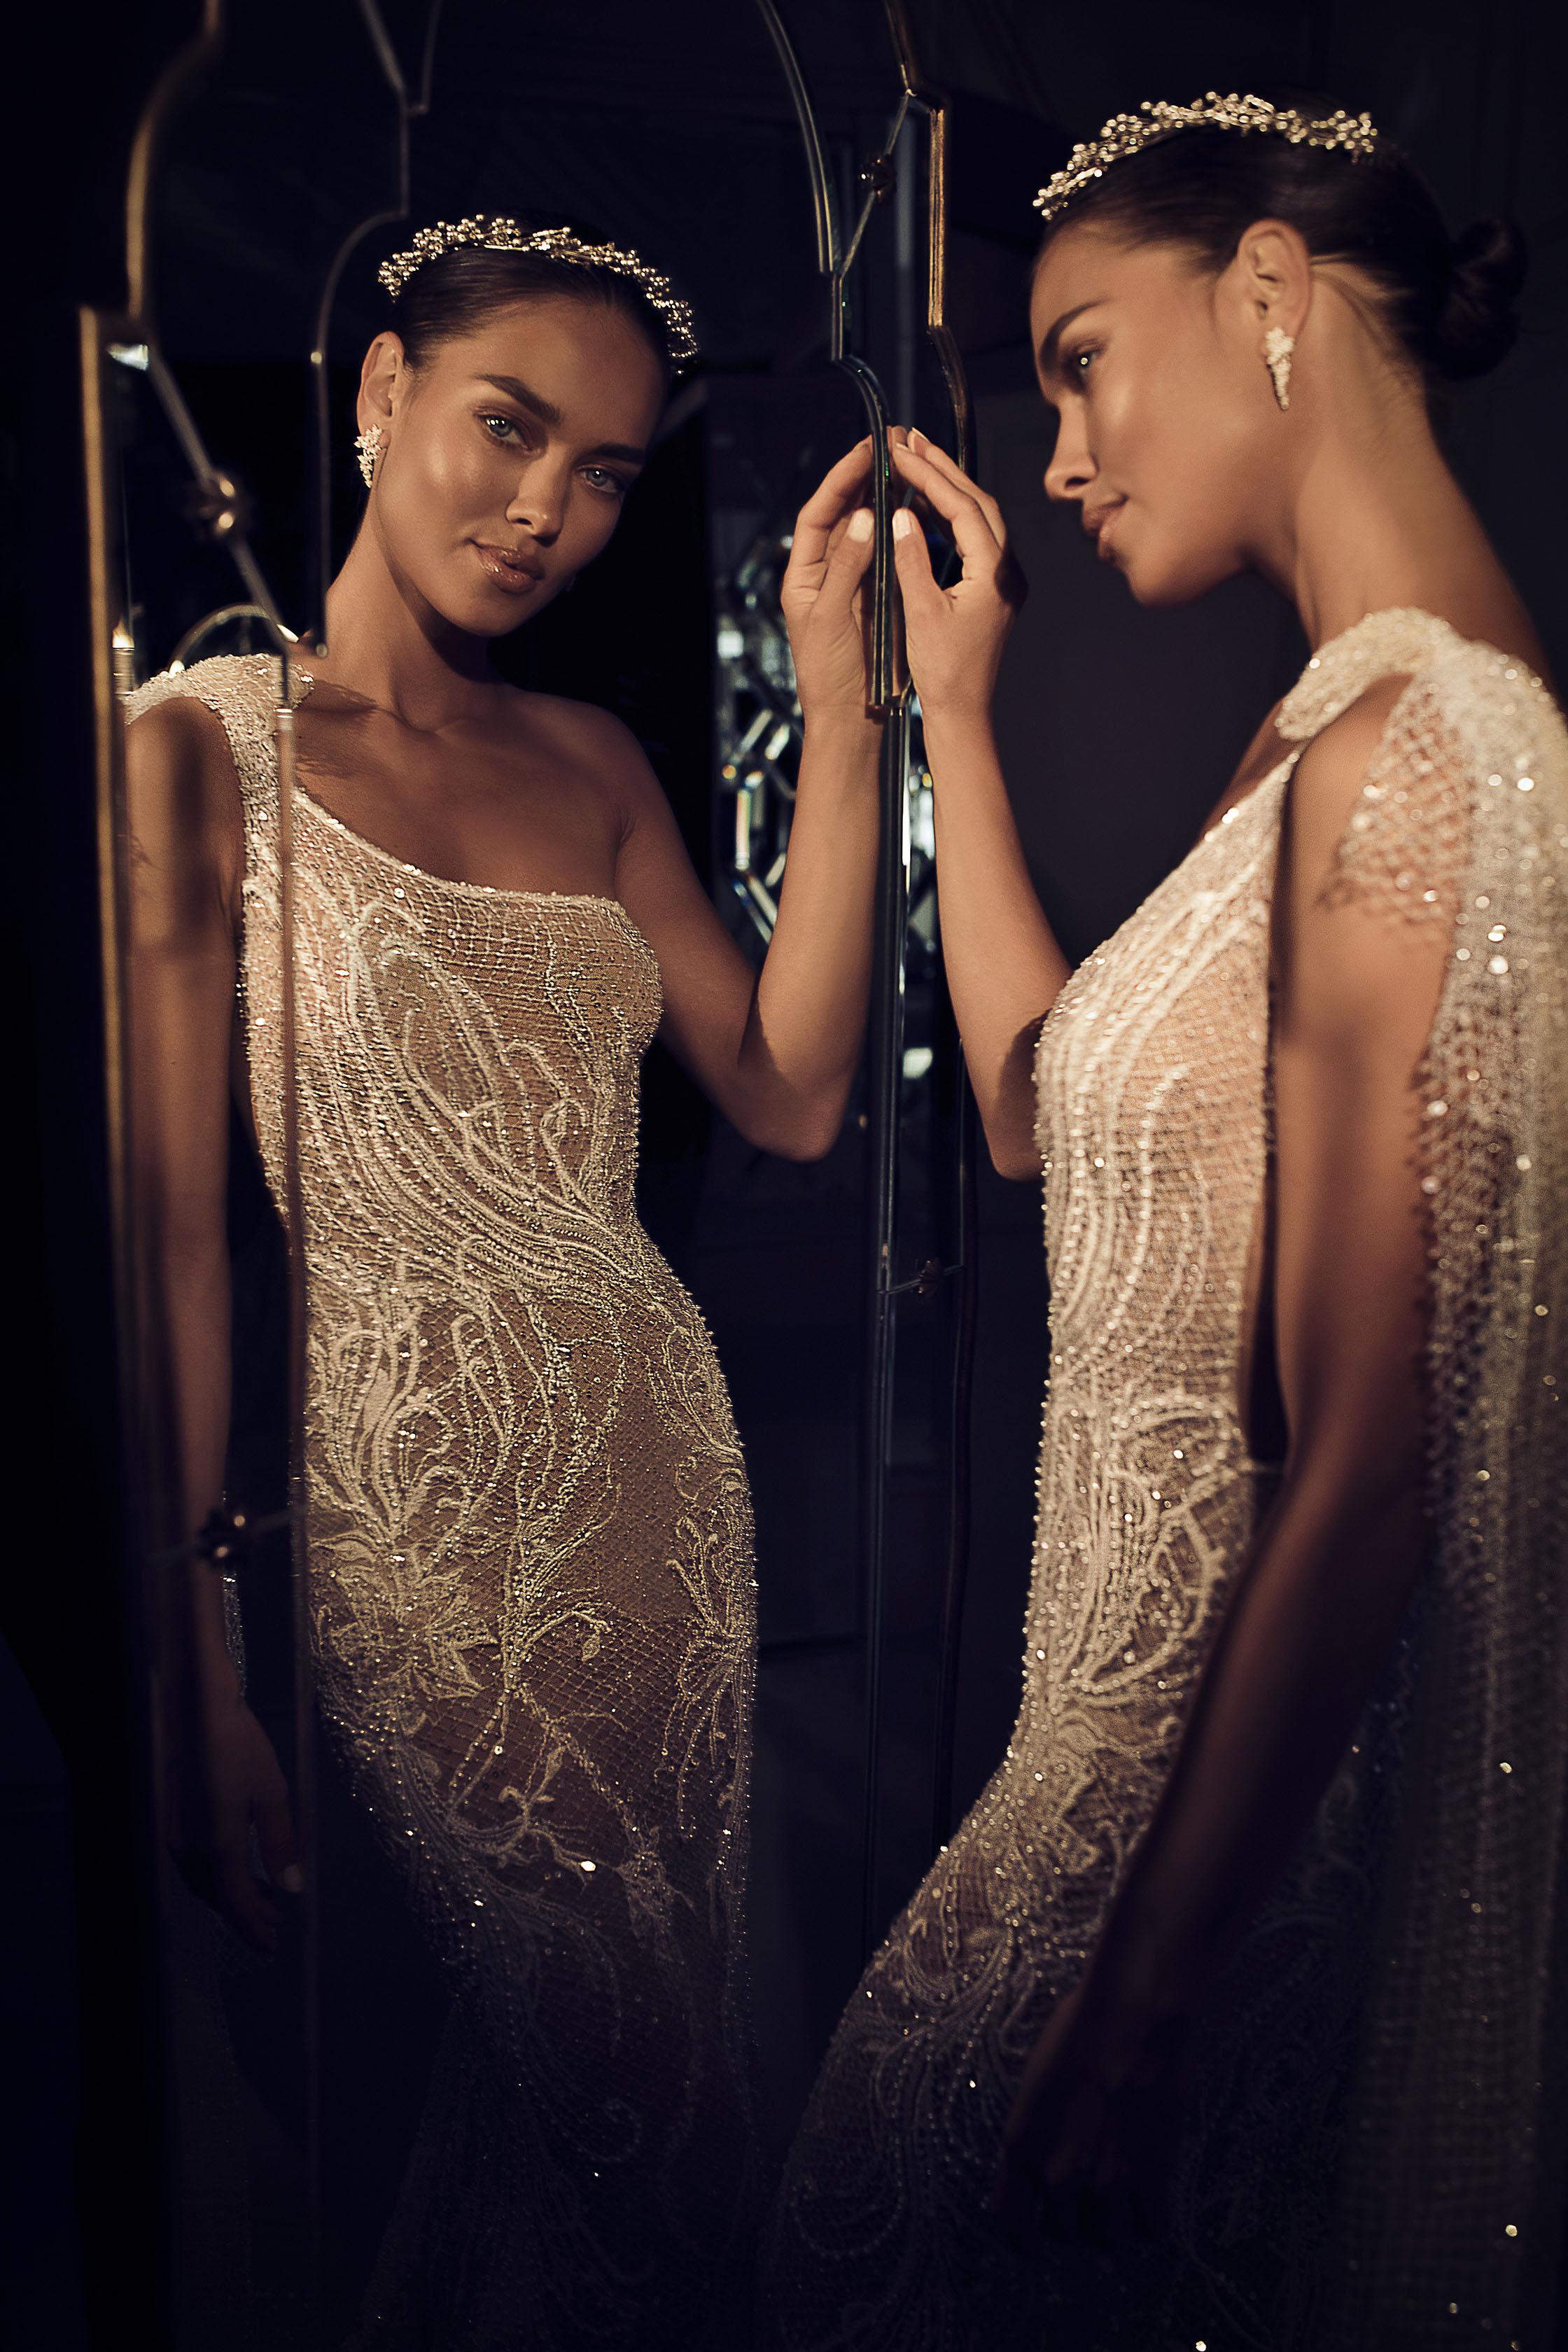 Mira Couture Elihav Sasson e083 Wedding Dress Bridal Gown Chicago Illinois Boutique Front